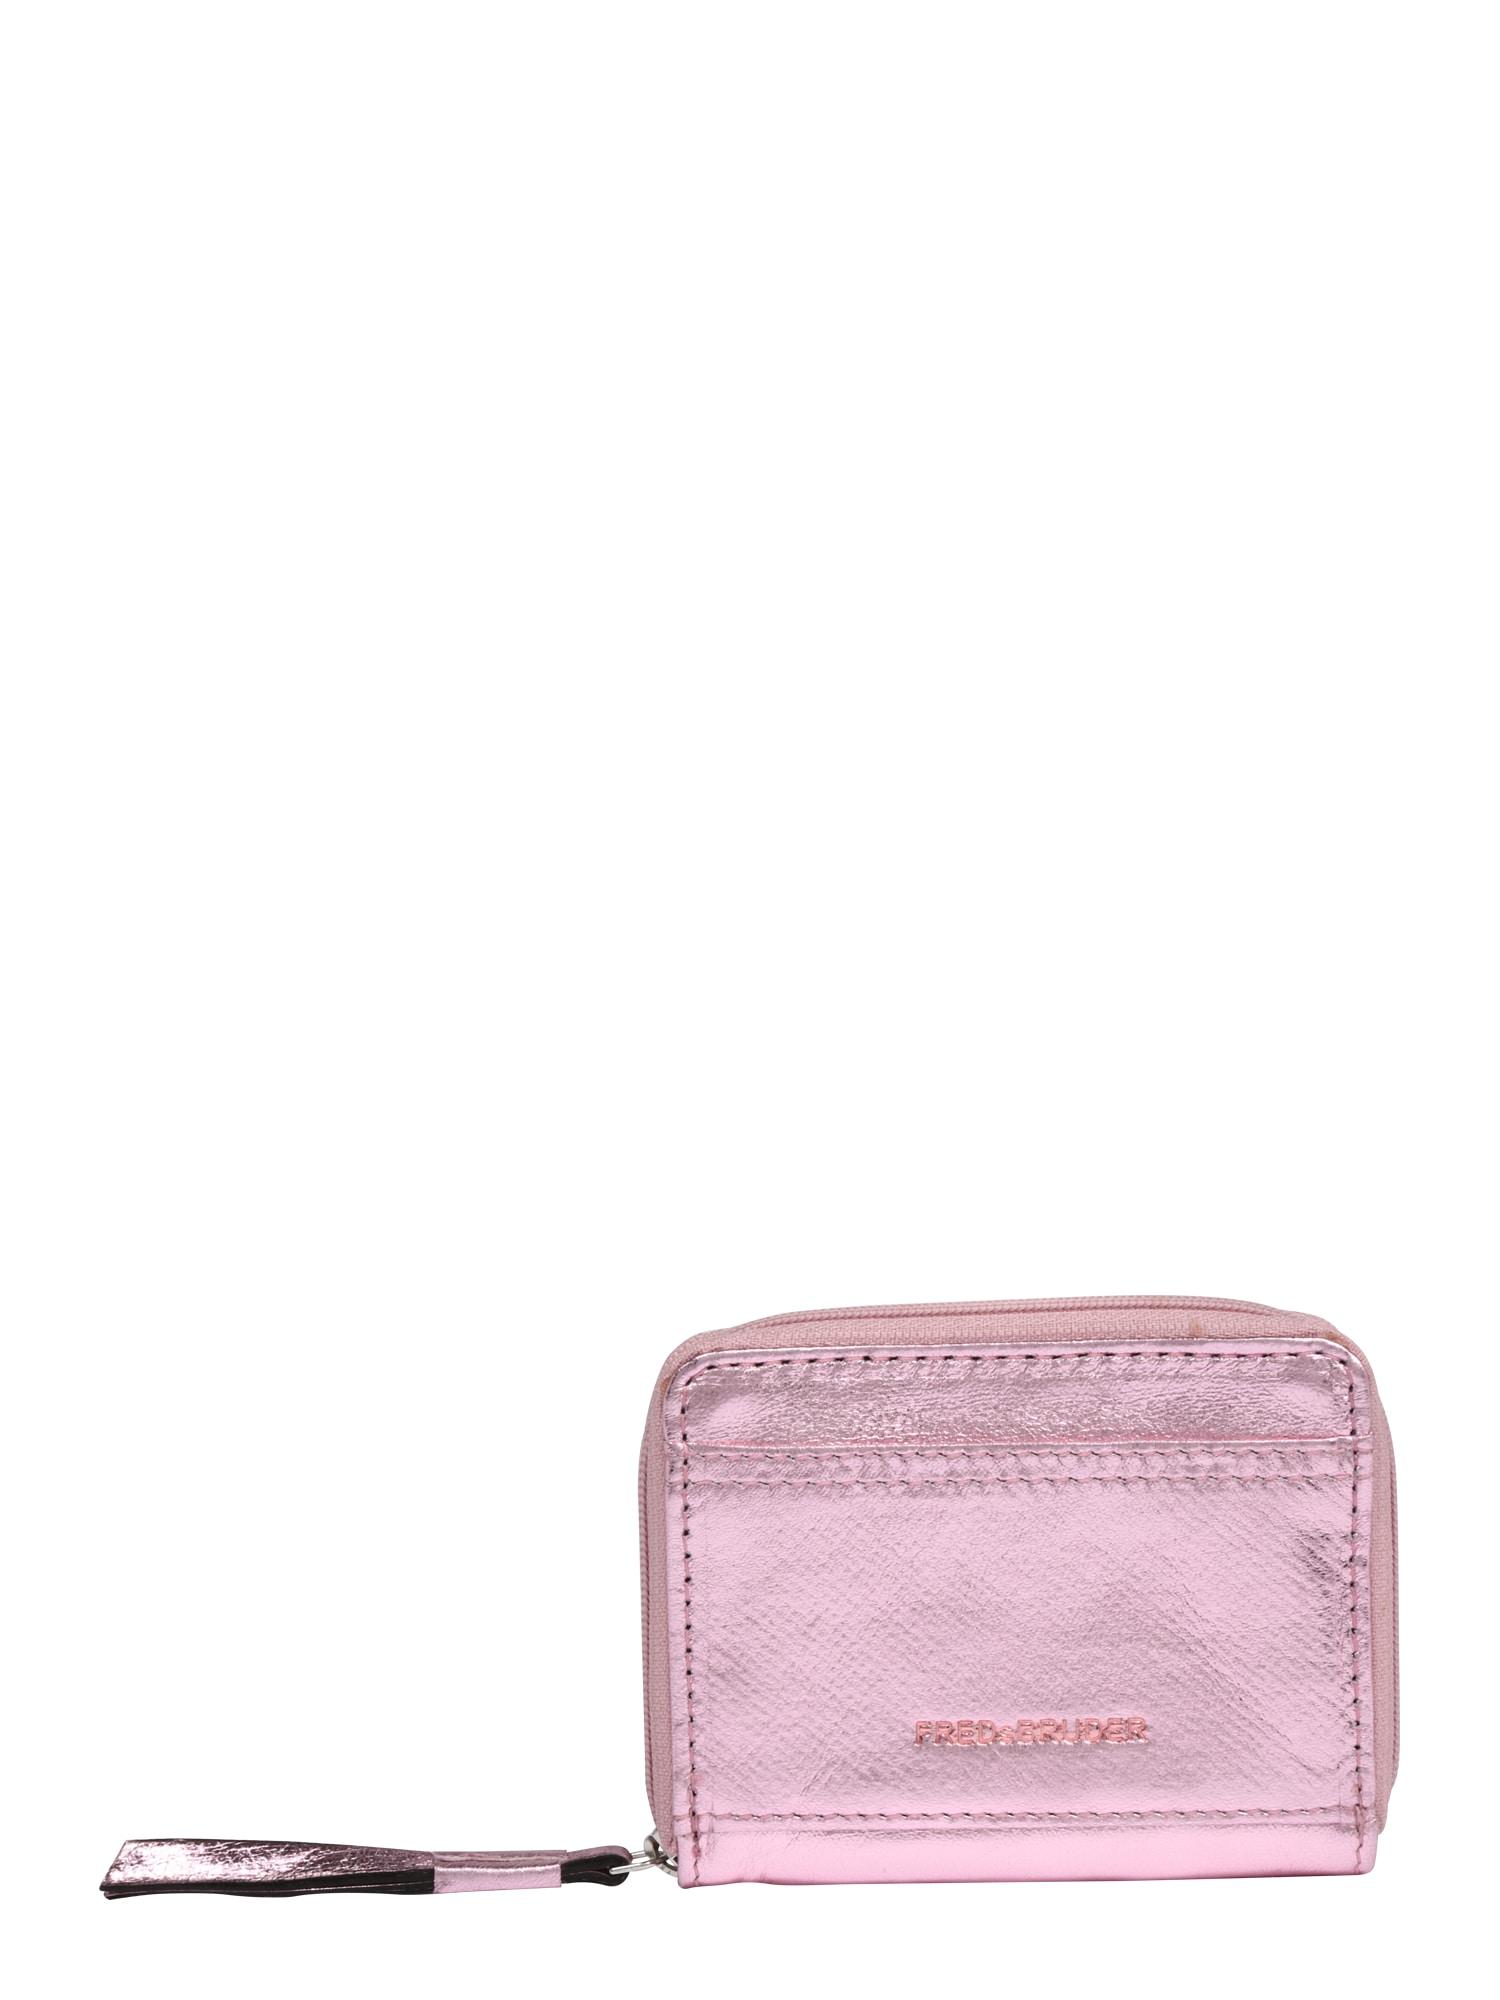 Peněženka Coin Pocket růžová FREDsBRUDER